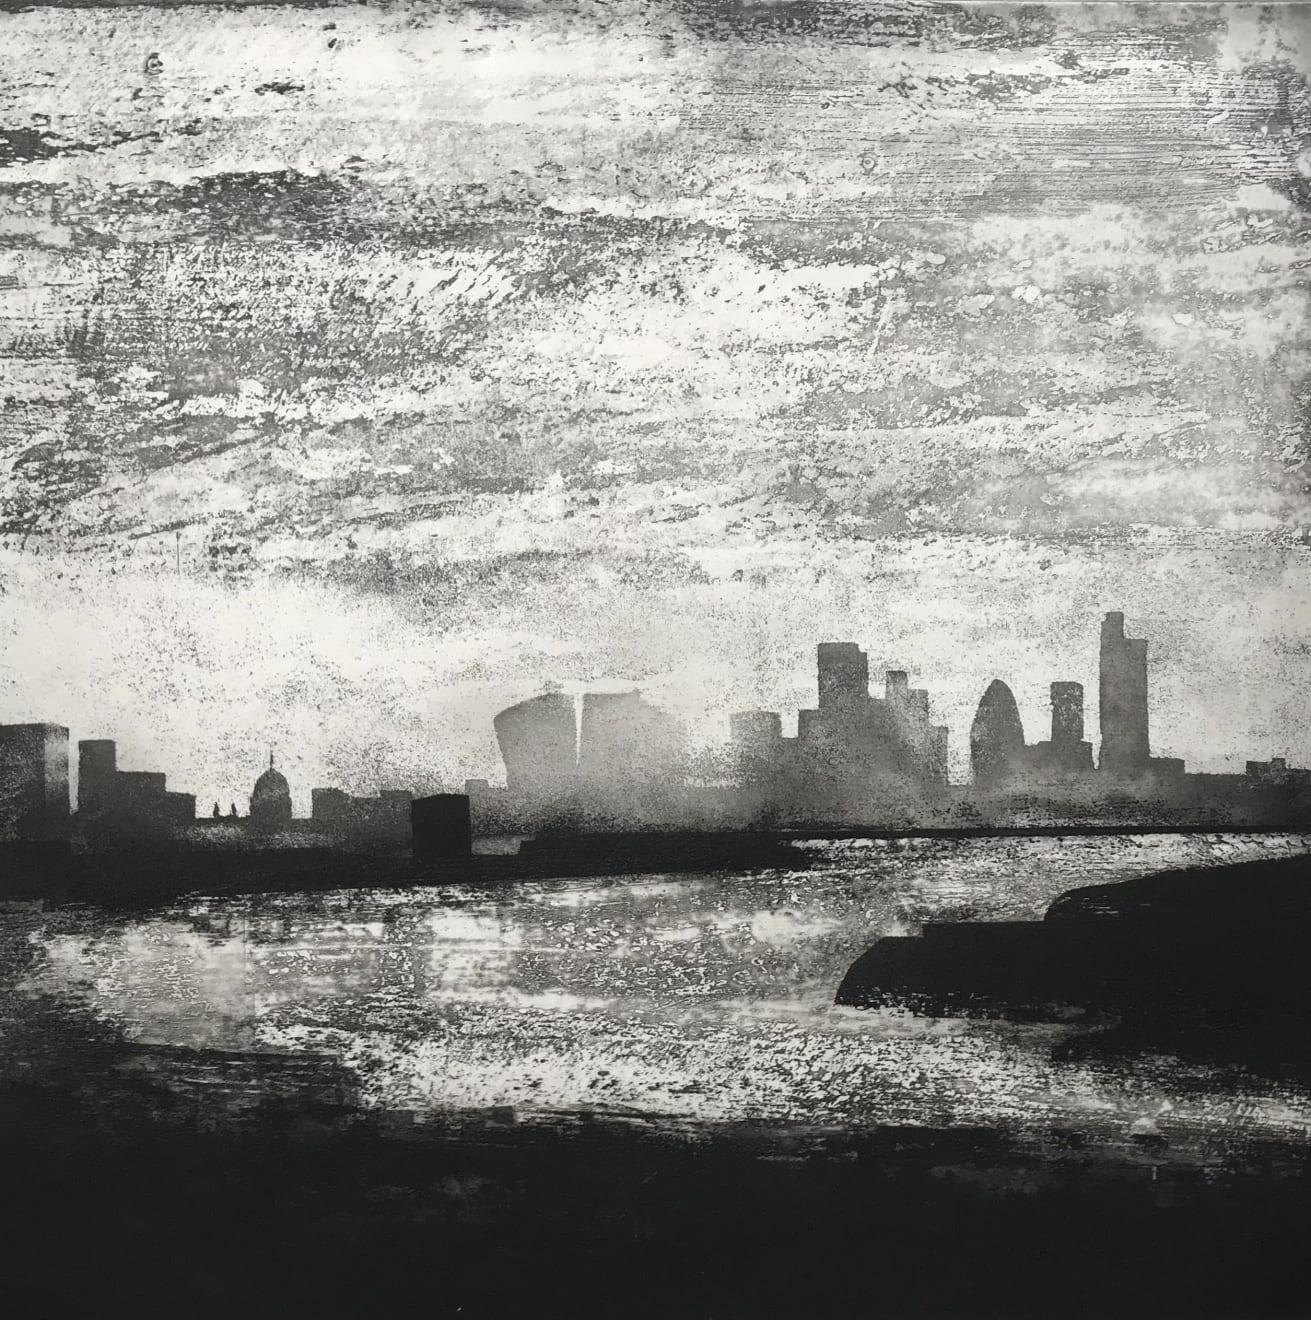 Jason Hicklin, The Thames. Greenwich Reach, 2019